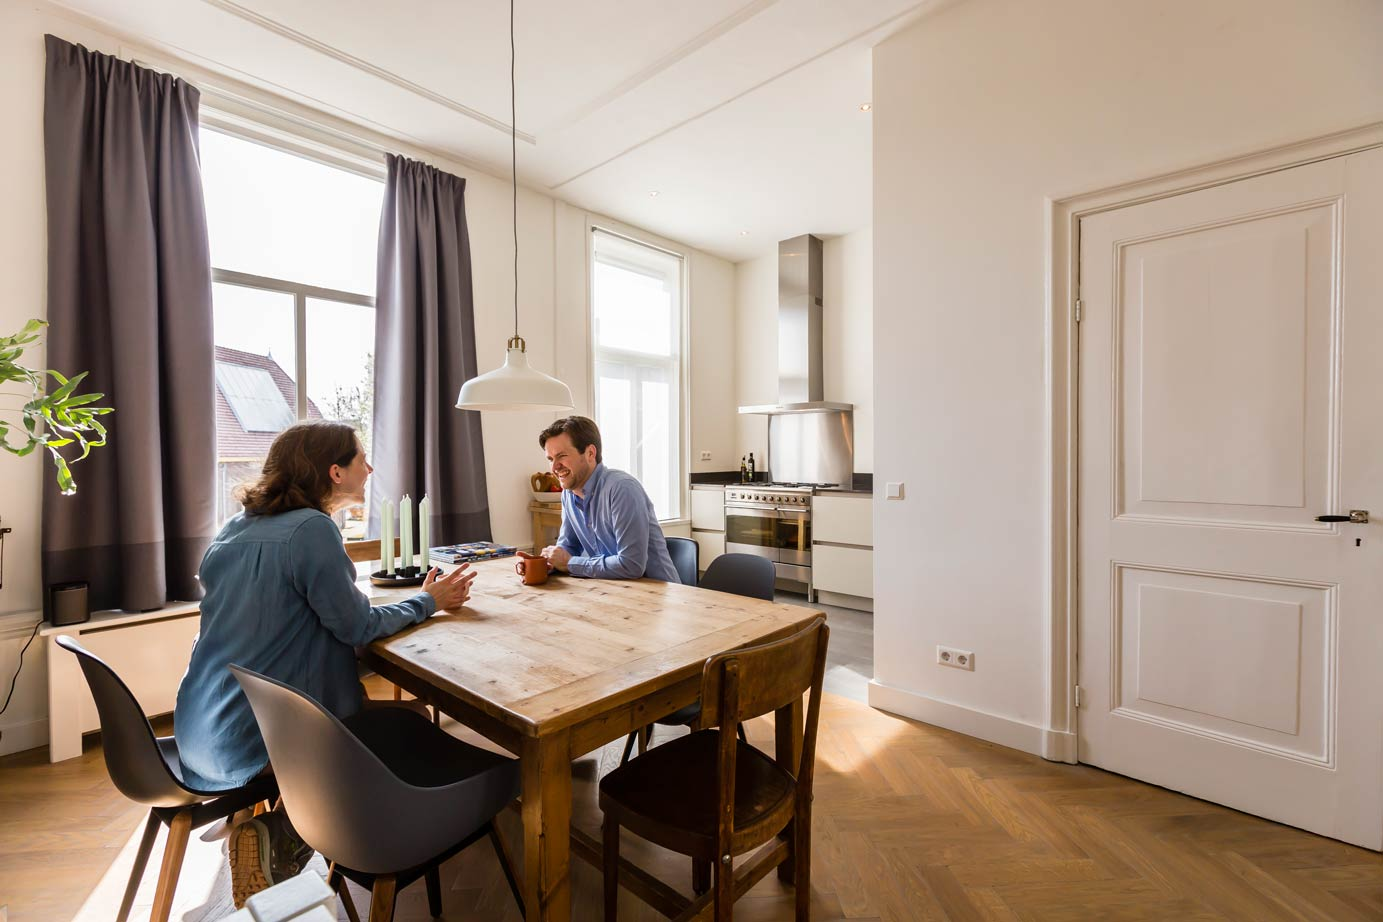 Een keuken en badkamer kopen in utrecht lees klantervaringen arma